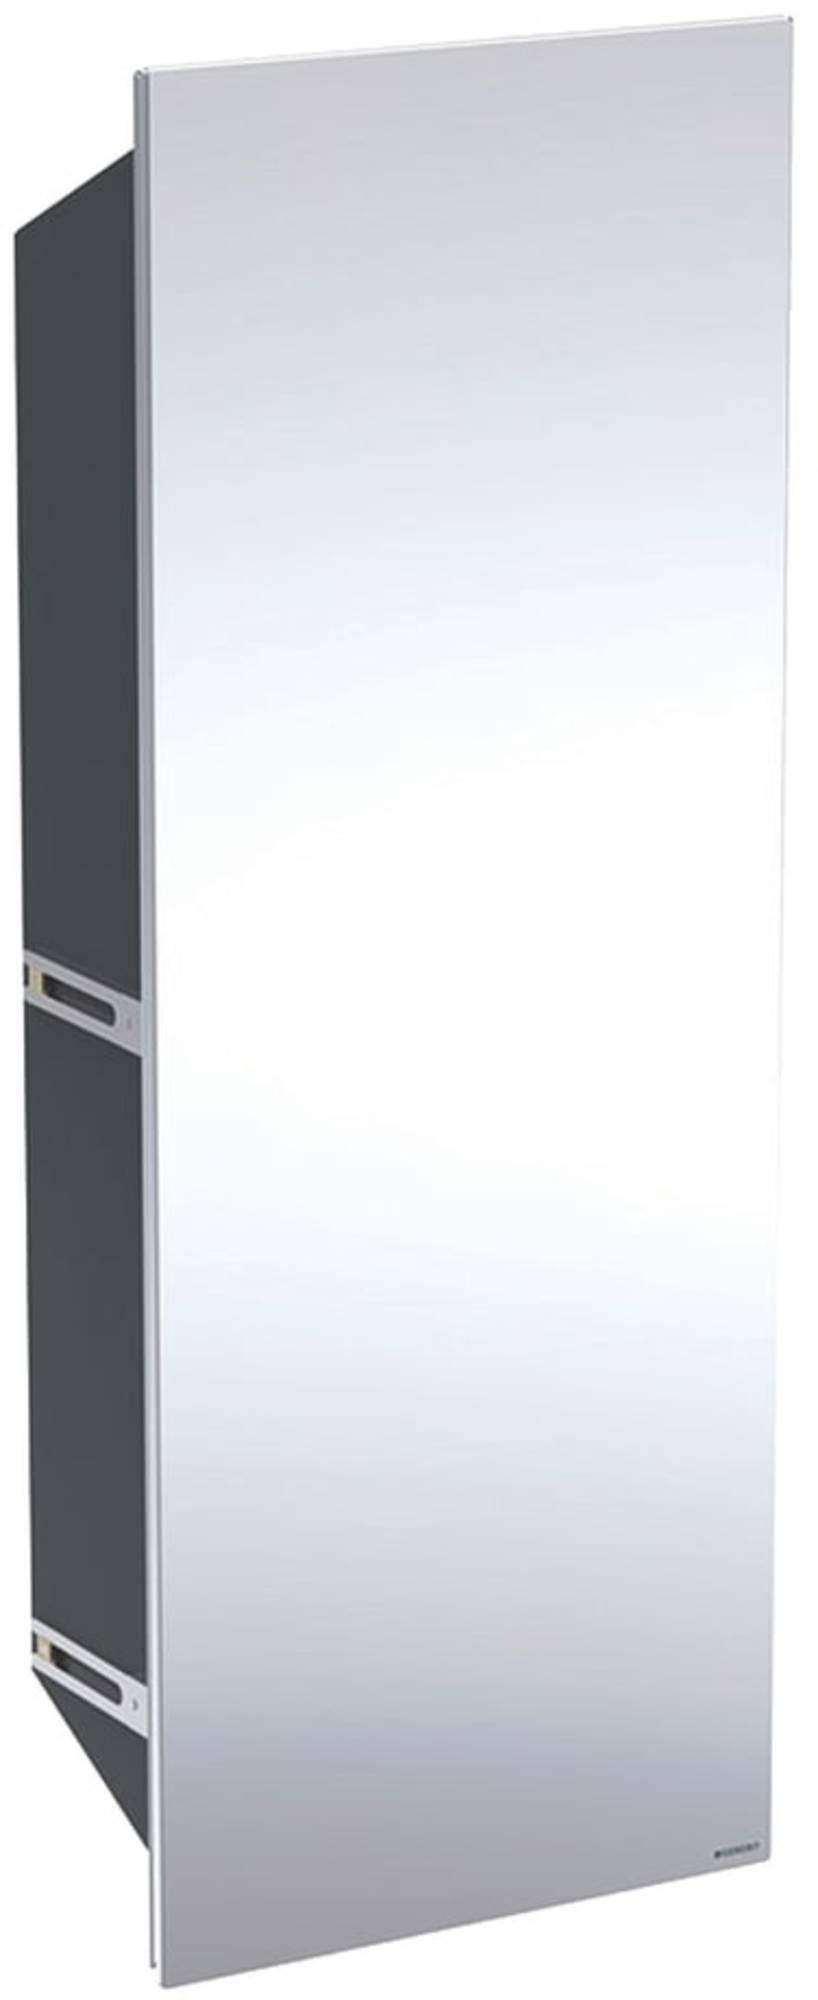 geberit One Schuifdeur Spiegel Rechts voor Inbouwbox 30x4x80 cm